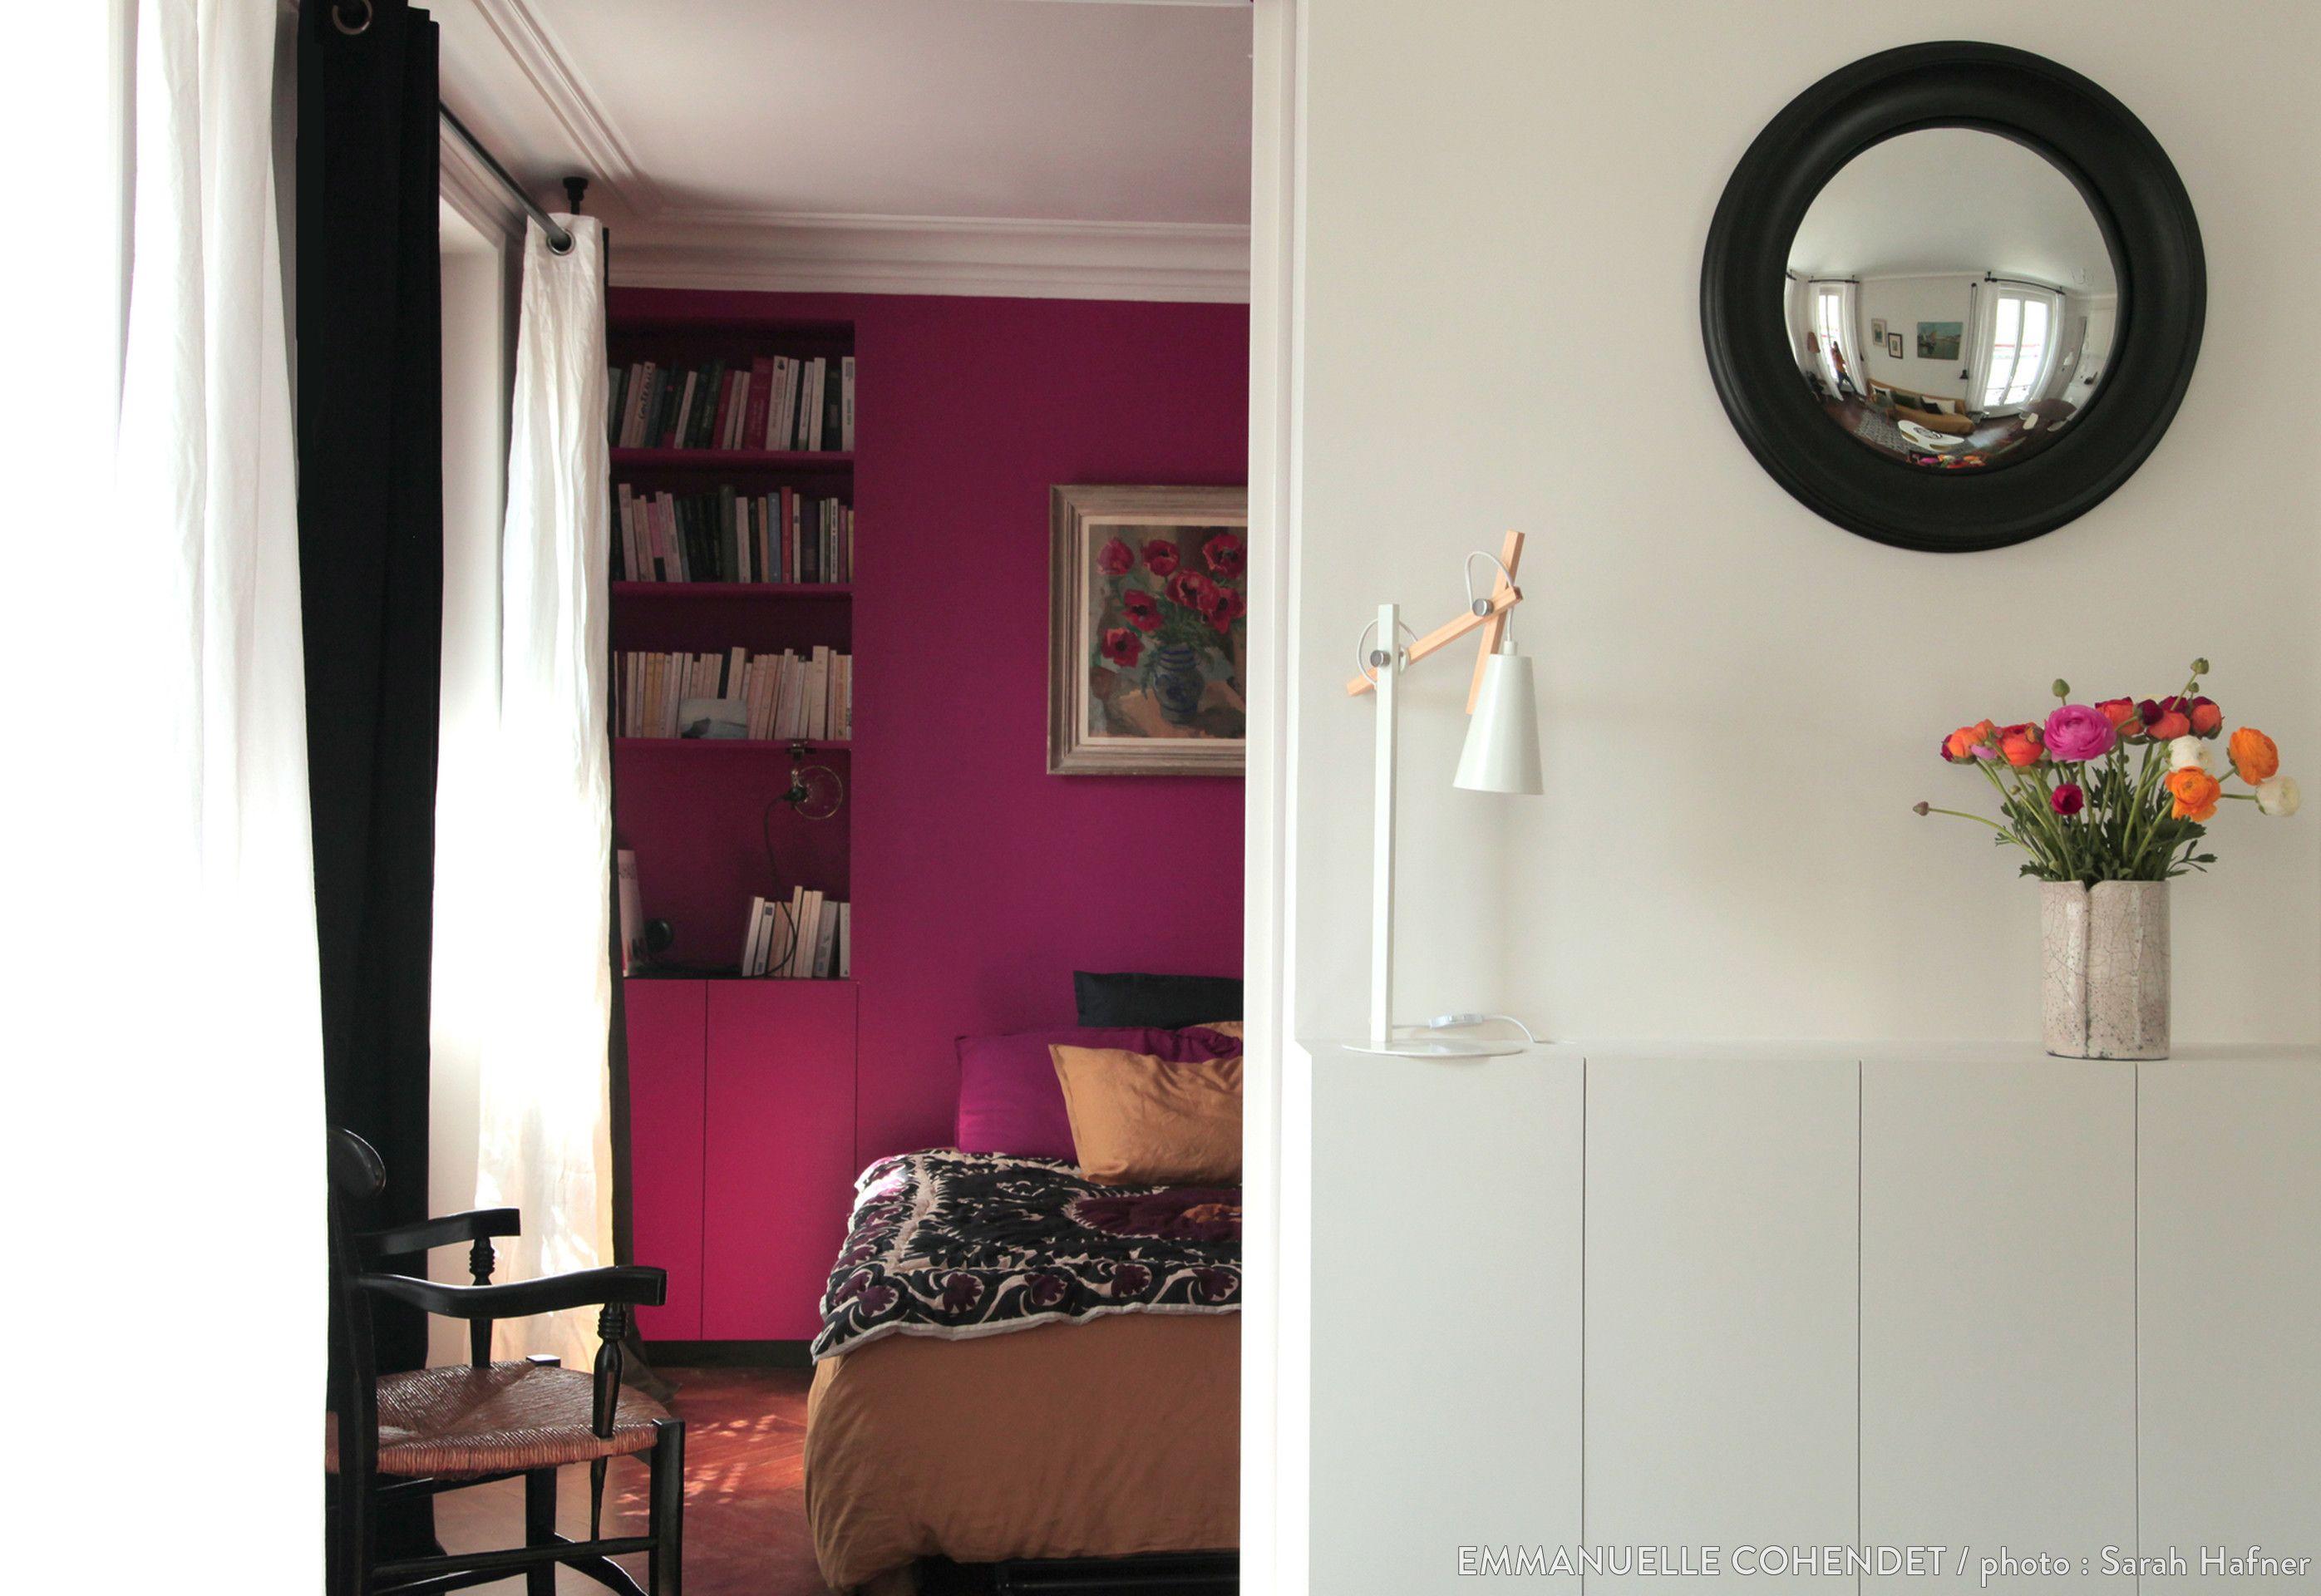 R novation et d coration d 39 un appartement parisien paris emmanuelle cohendet d corateur d - Appartement parisien decoration ...